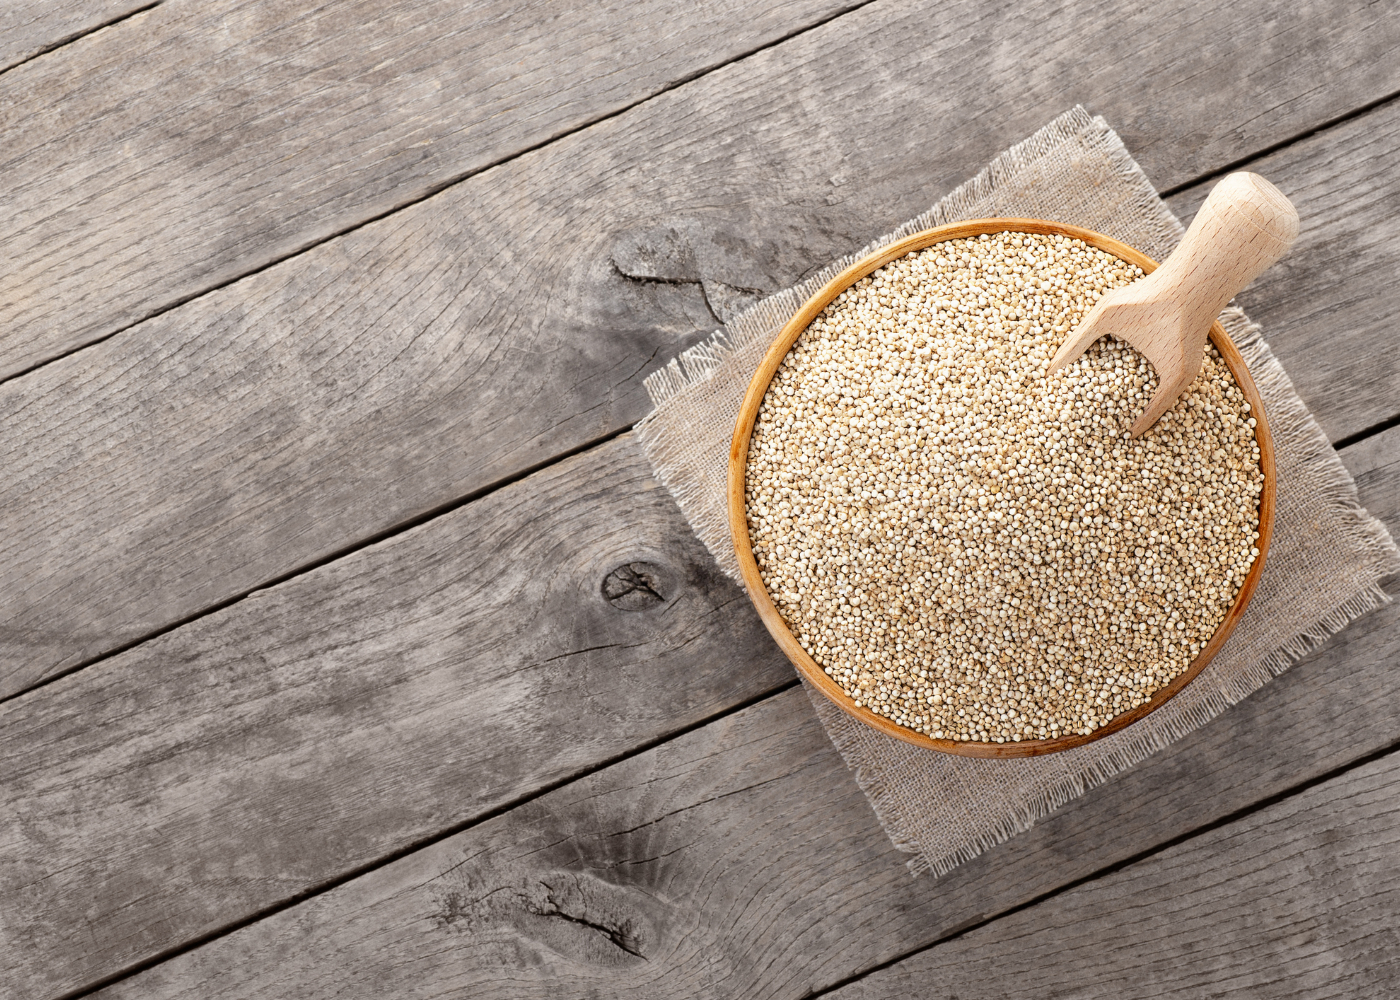 Taça com quinoa em cima de mesa de madeira